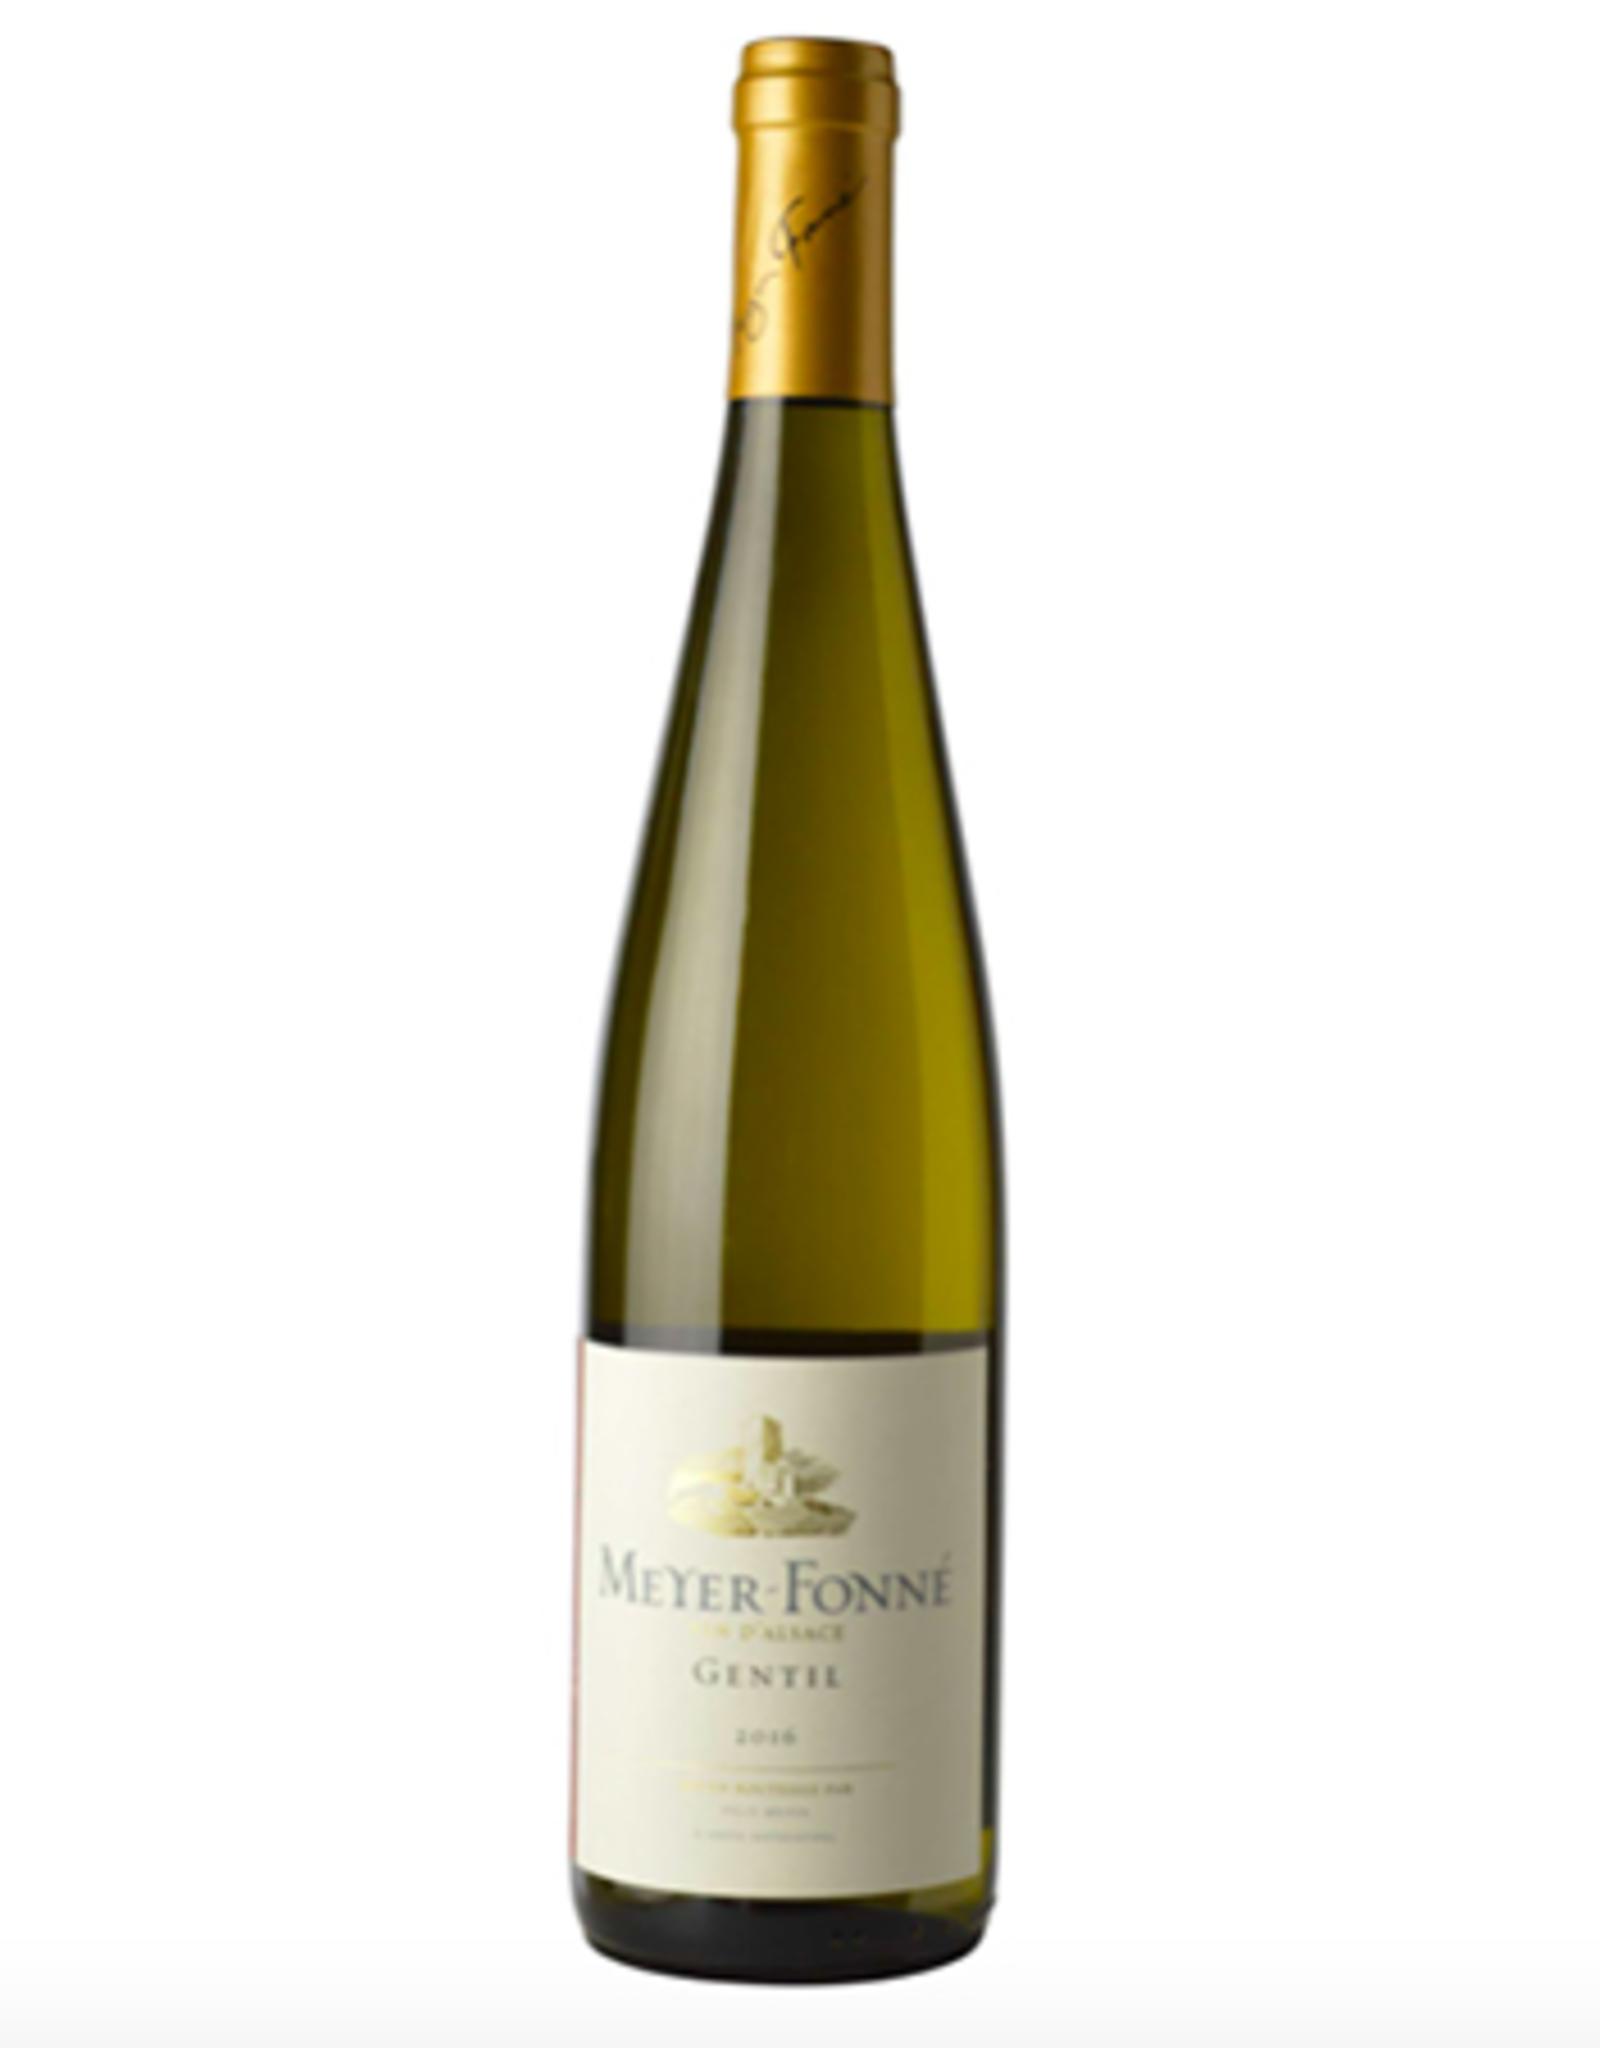 Meyer Fonne Vin d'Alsace Gentil 2018